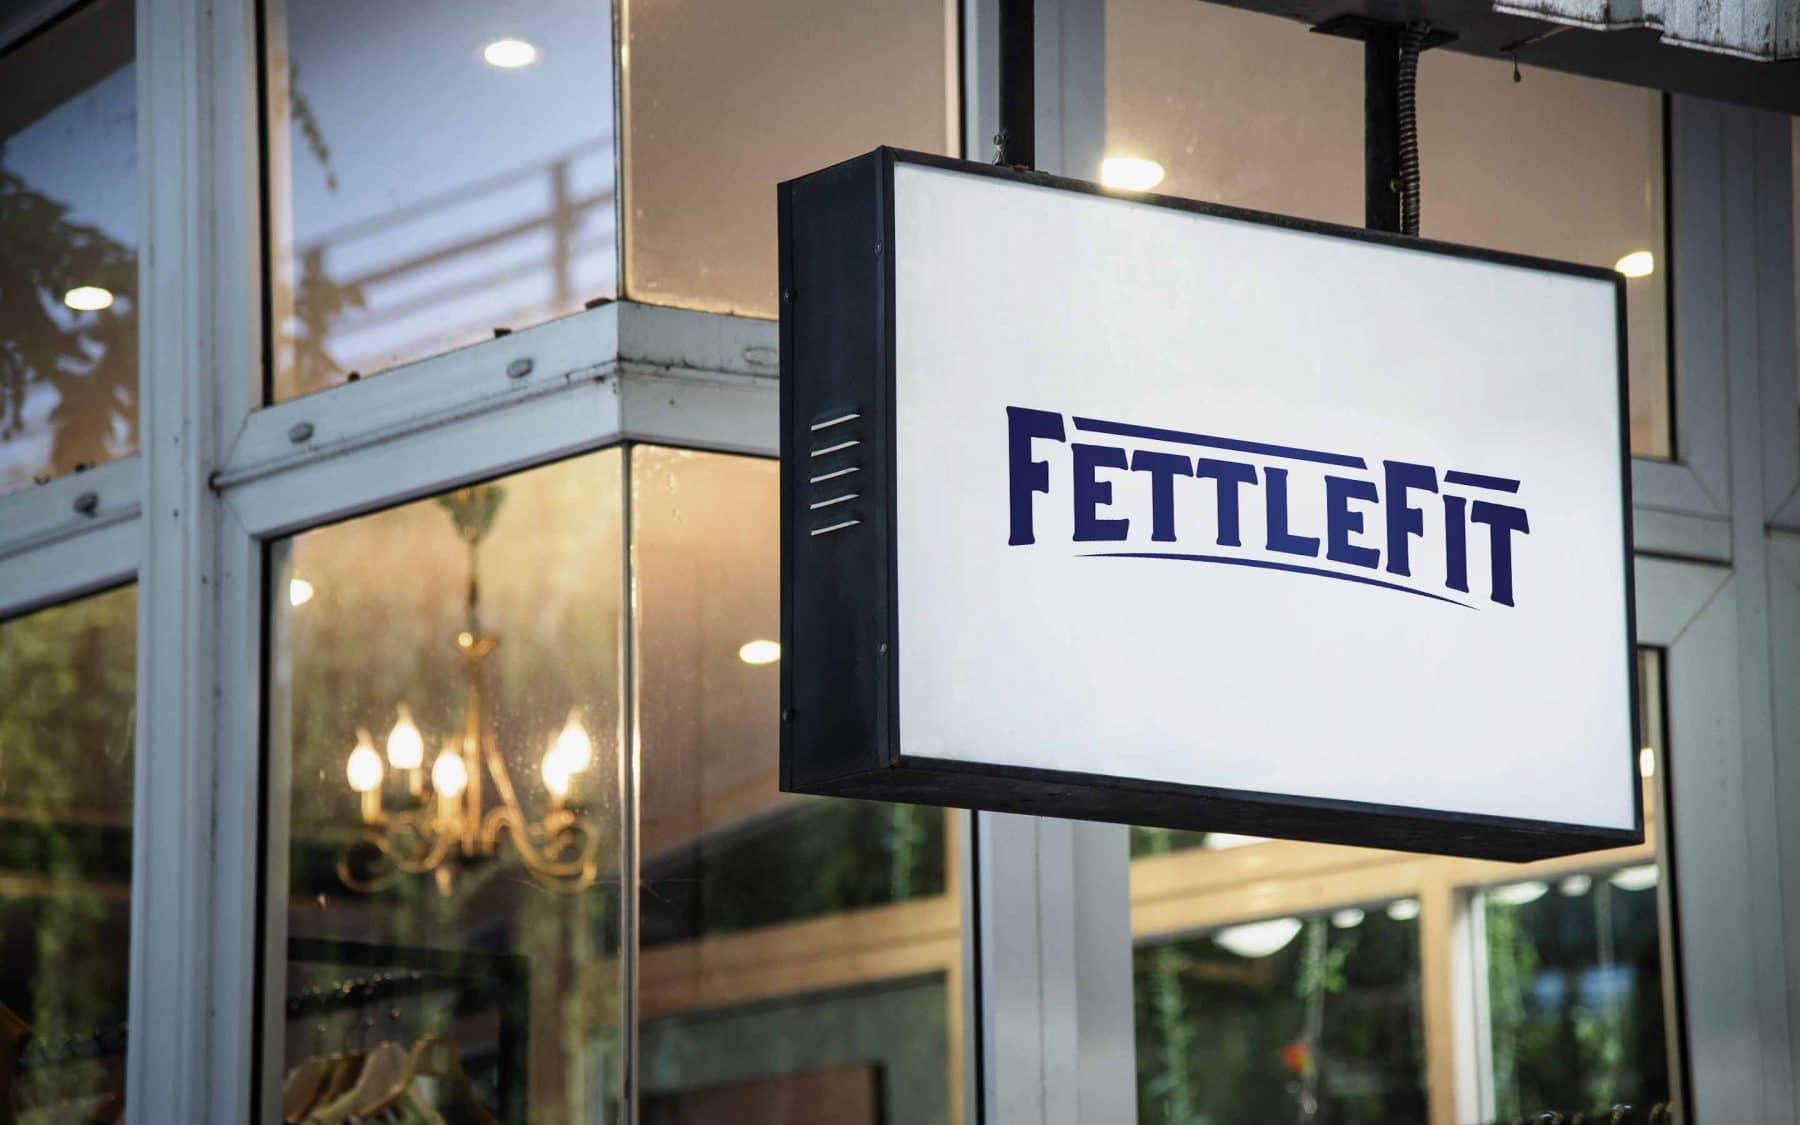 Fettlefit 3